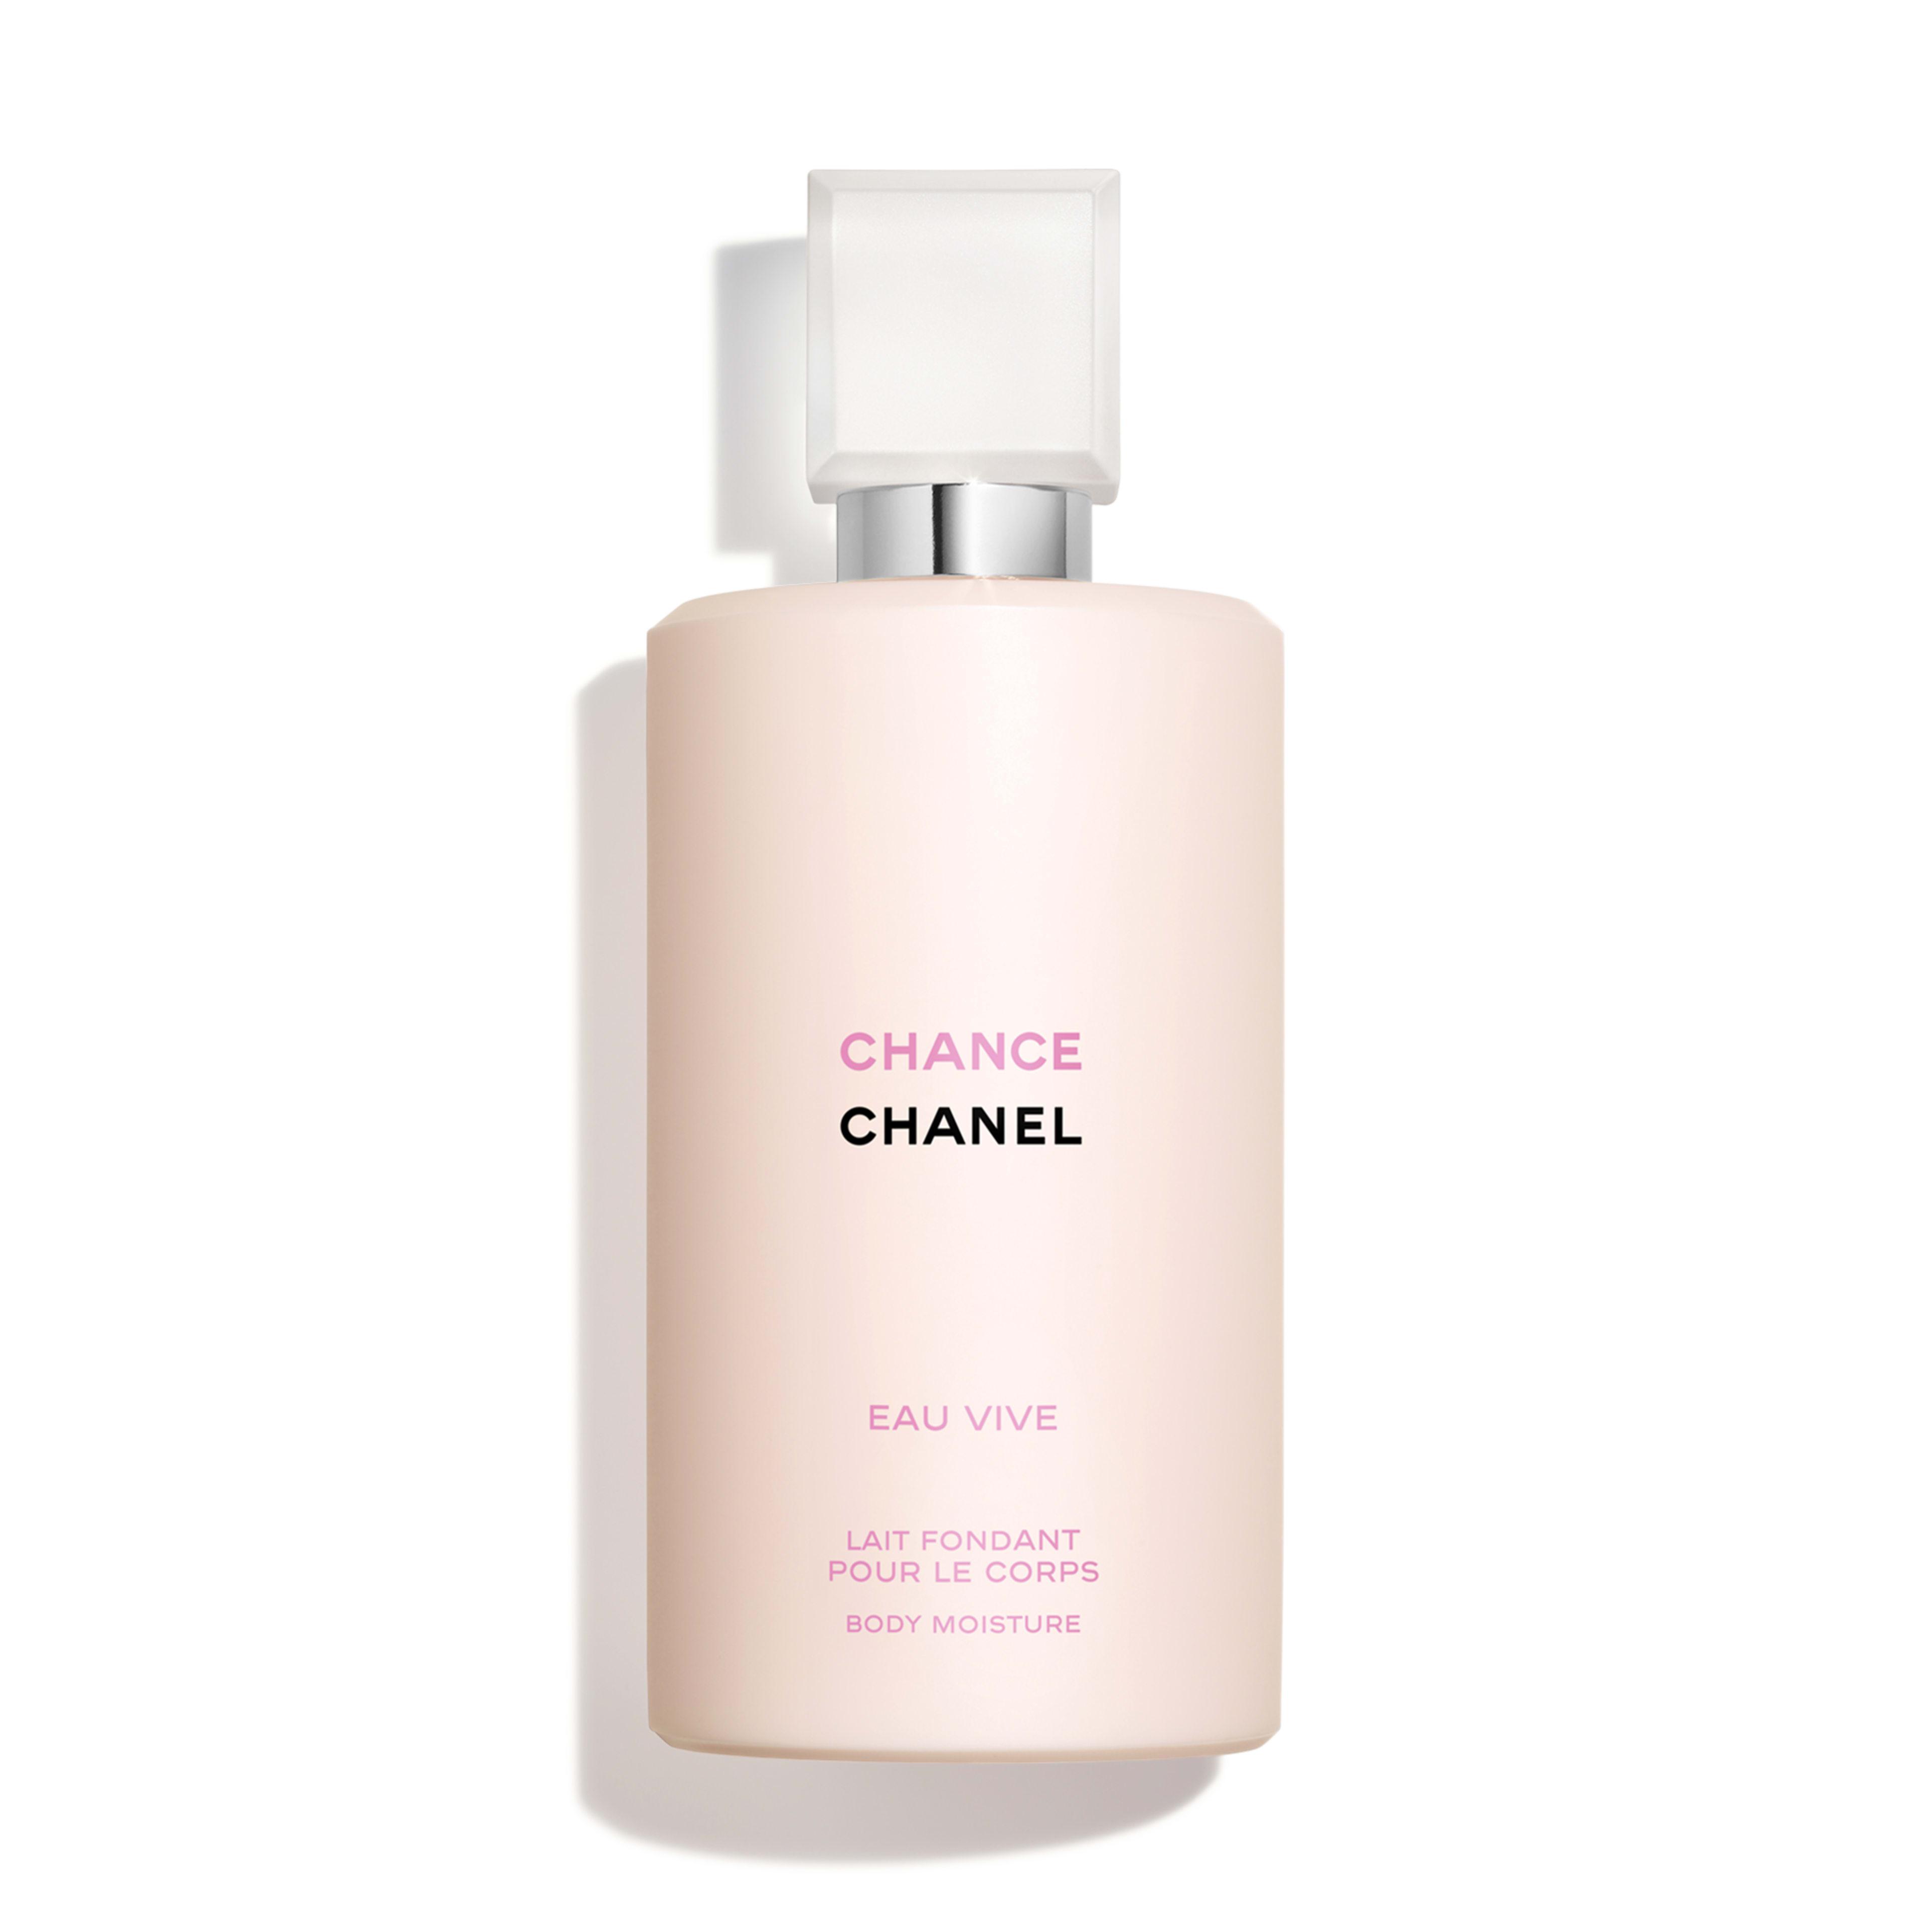 CHANCE EAU VIVE - fragrance - 200ml - Default view